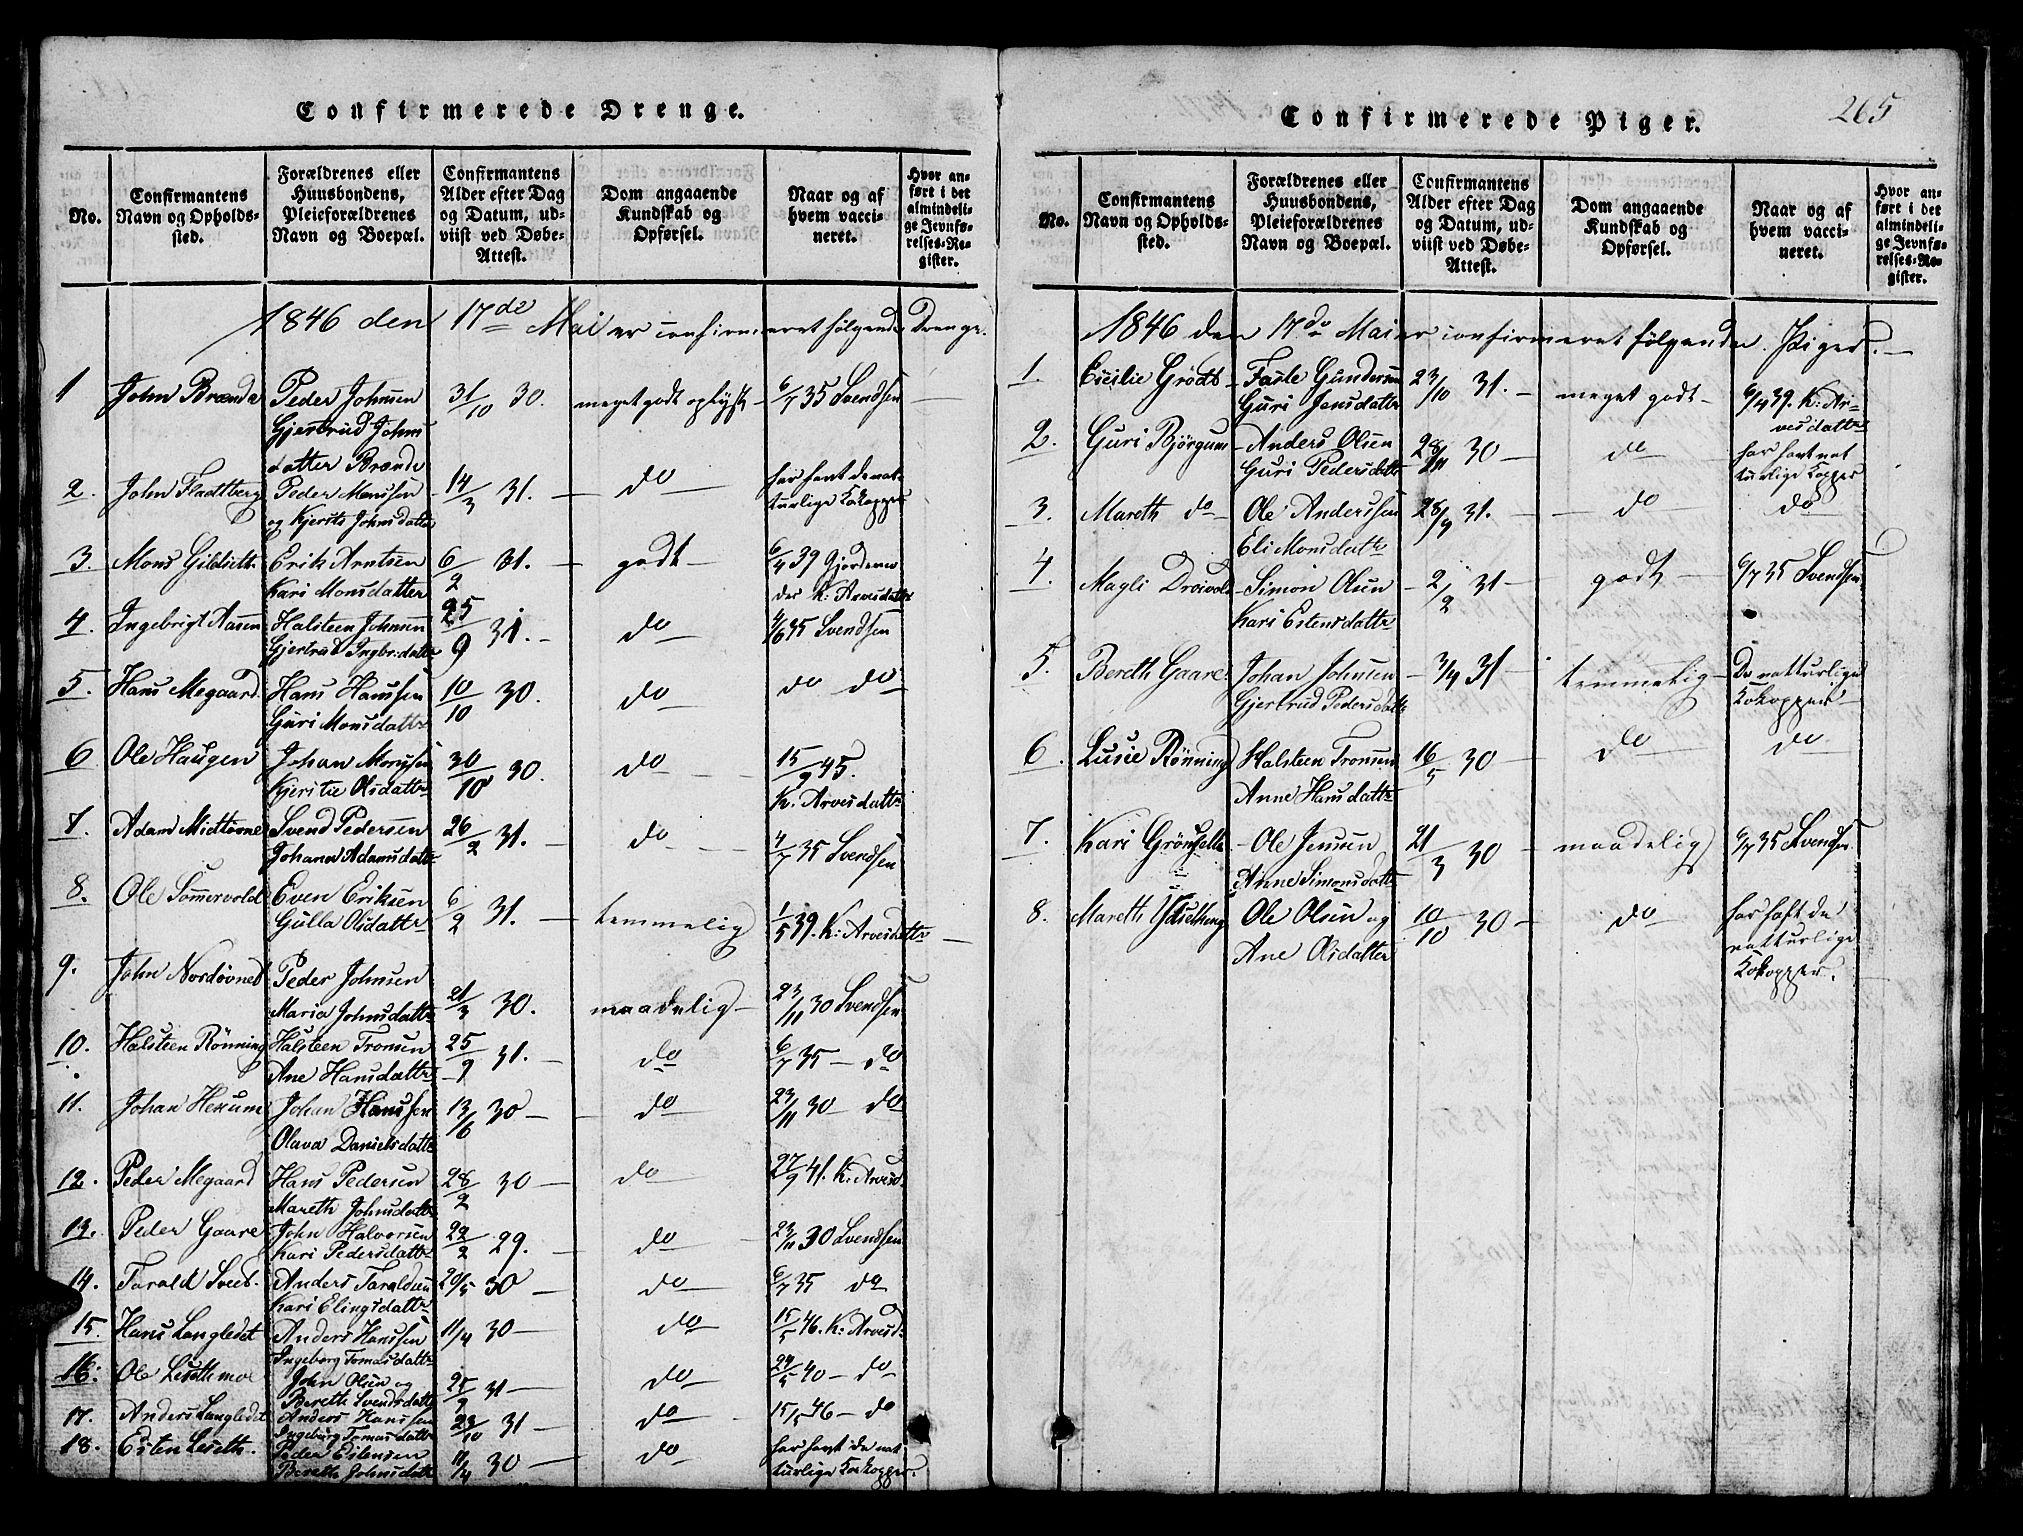 SAT, Ministerialprotokoller, klokkerbøker og fødselsregistre - Sør-Trøndelag, 685/L0976: Klokkerbok nr. 685C01, 1817-1878, s. 265